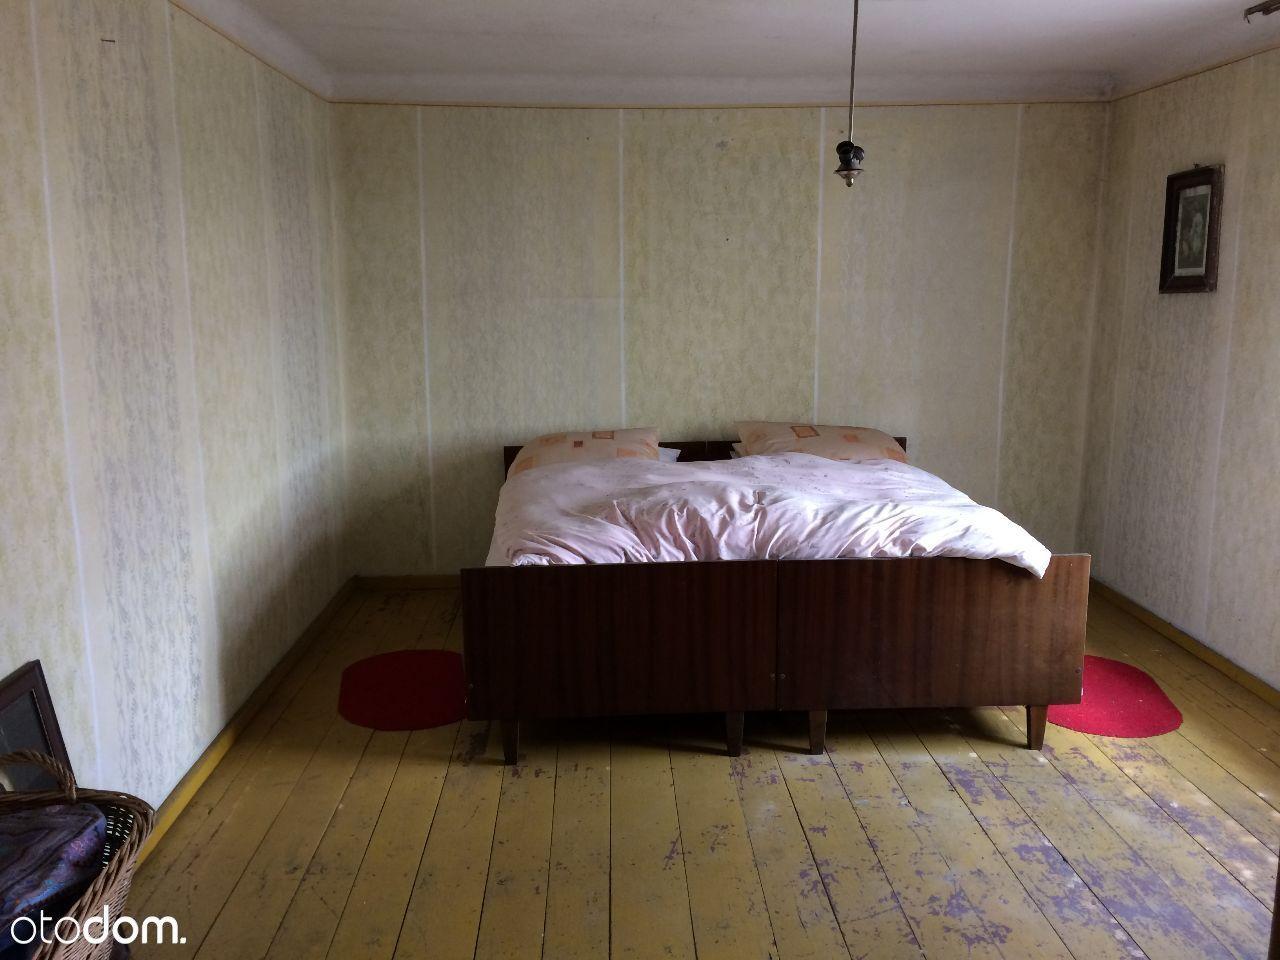 Dom na sprzedaż, Malnia, krapkowicki, opolskie - Foto 7